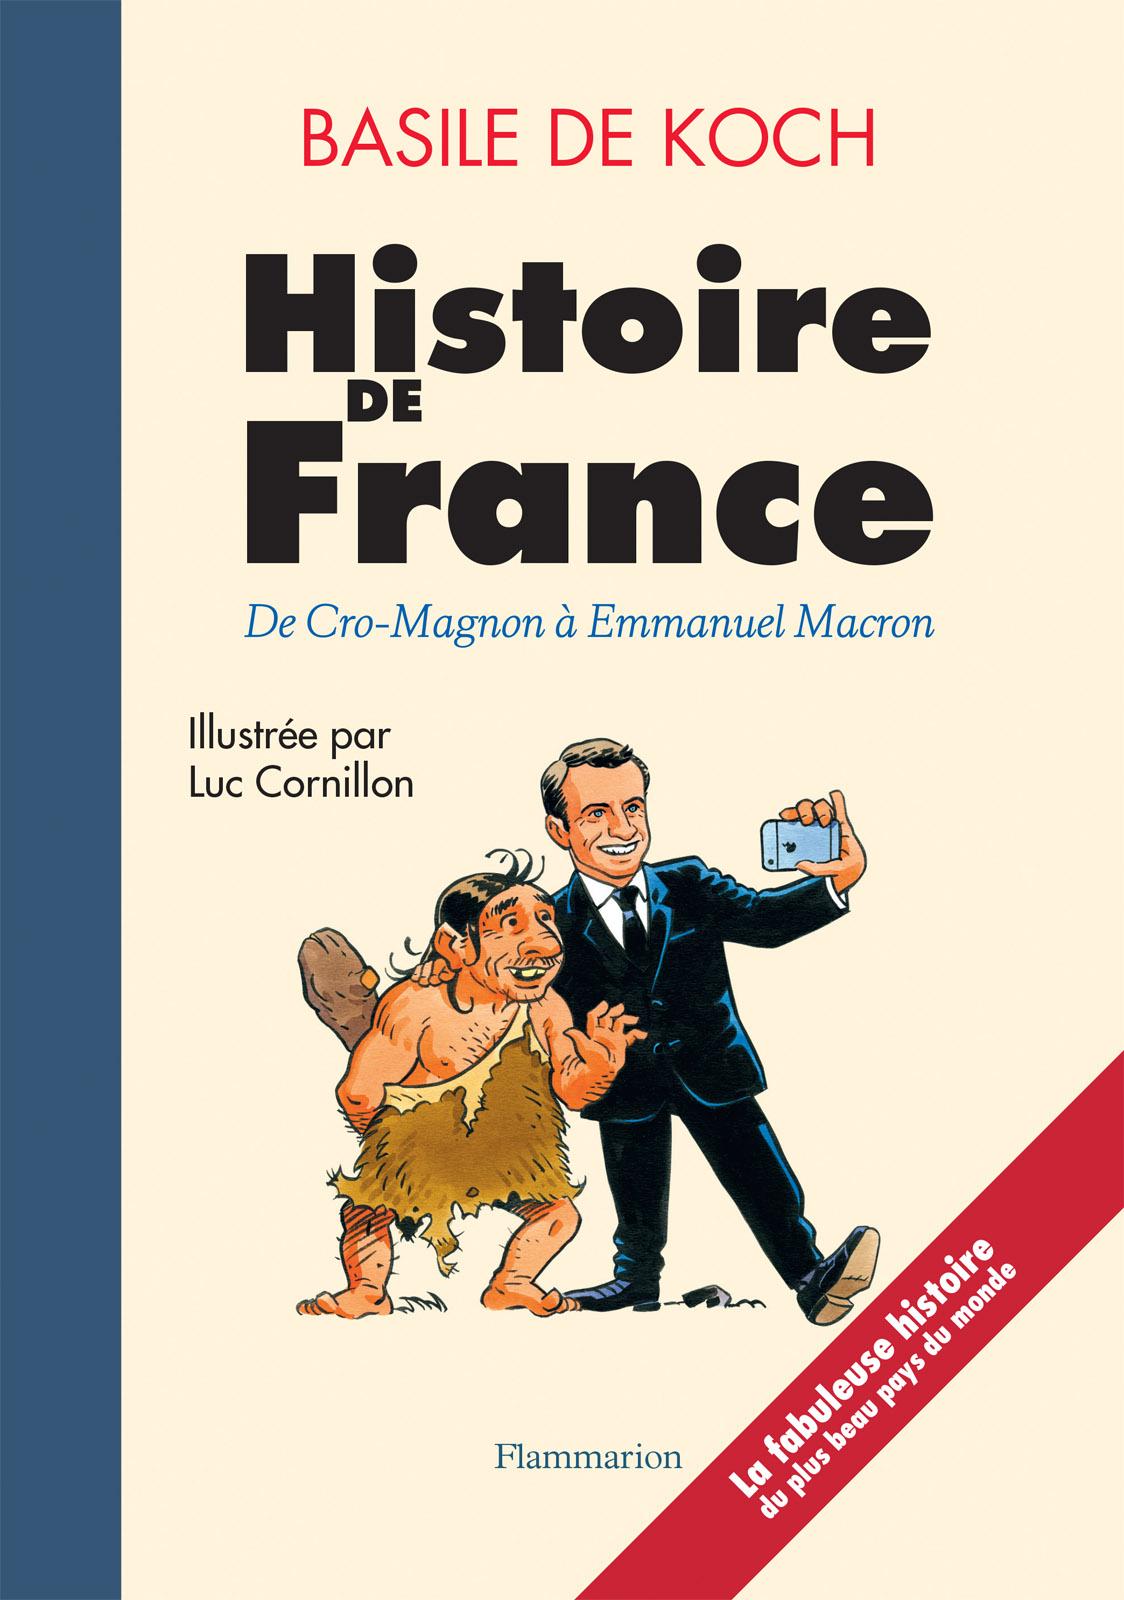 Histoire de France. De Cro-Magnon à Emmanuel Macron